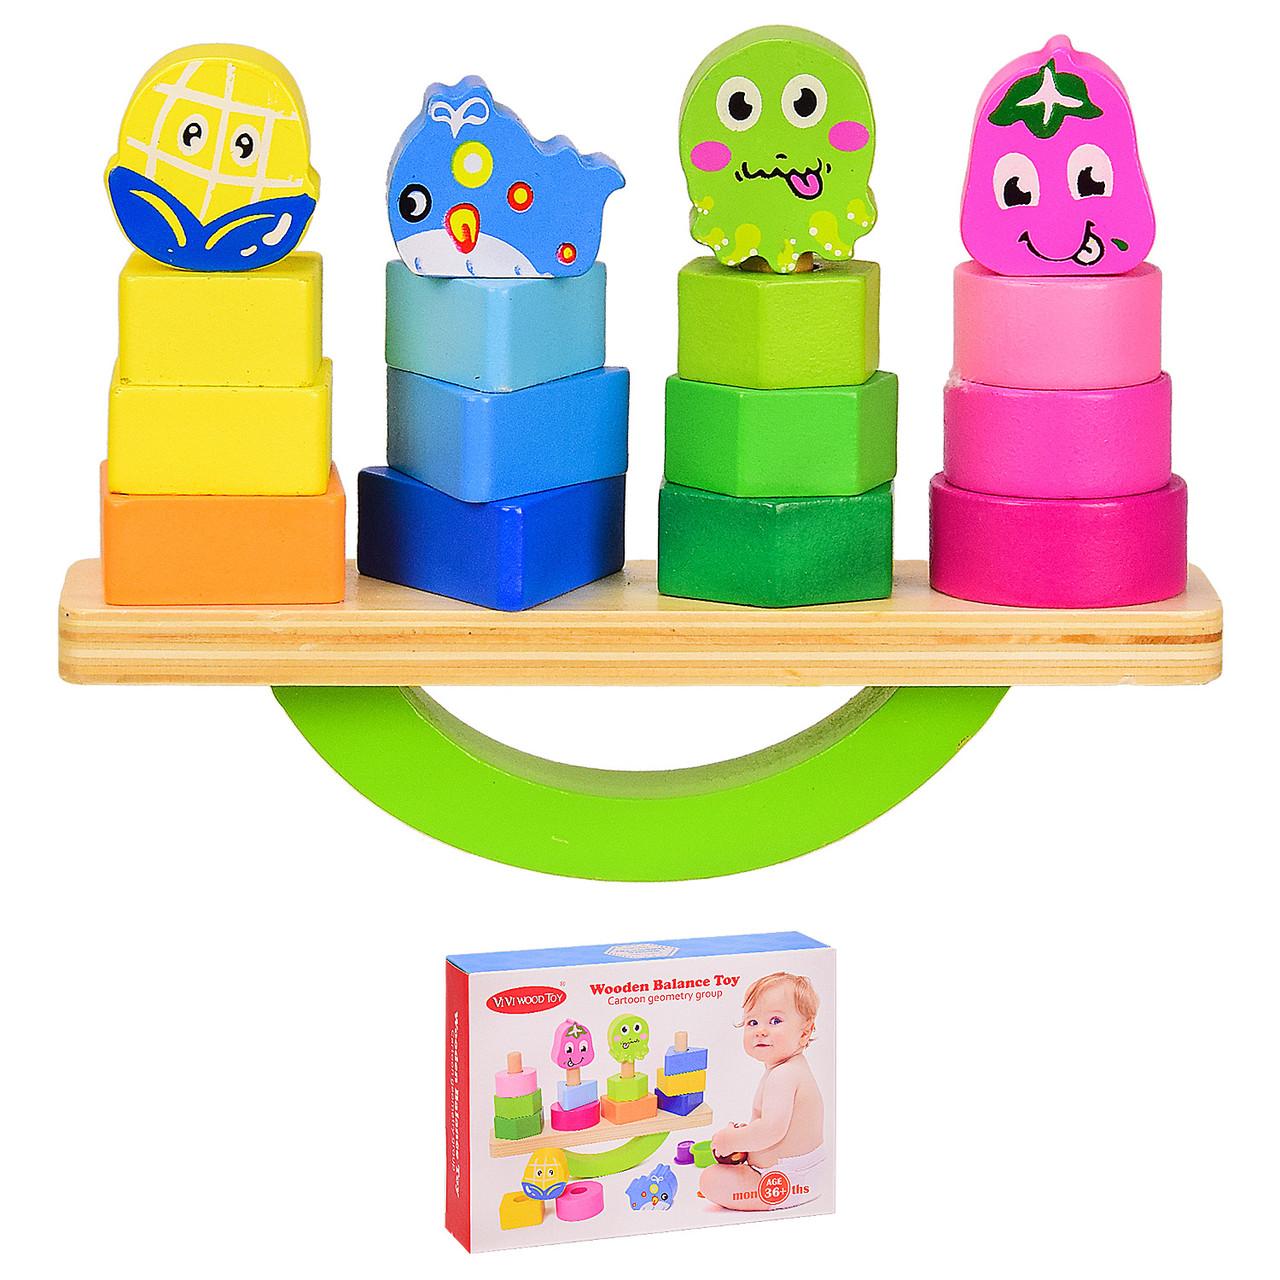 Деревянная игрушка баланс WOODEN BALANCE TOY, 4 пирамидки, в коробке VV211